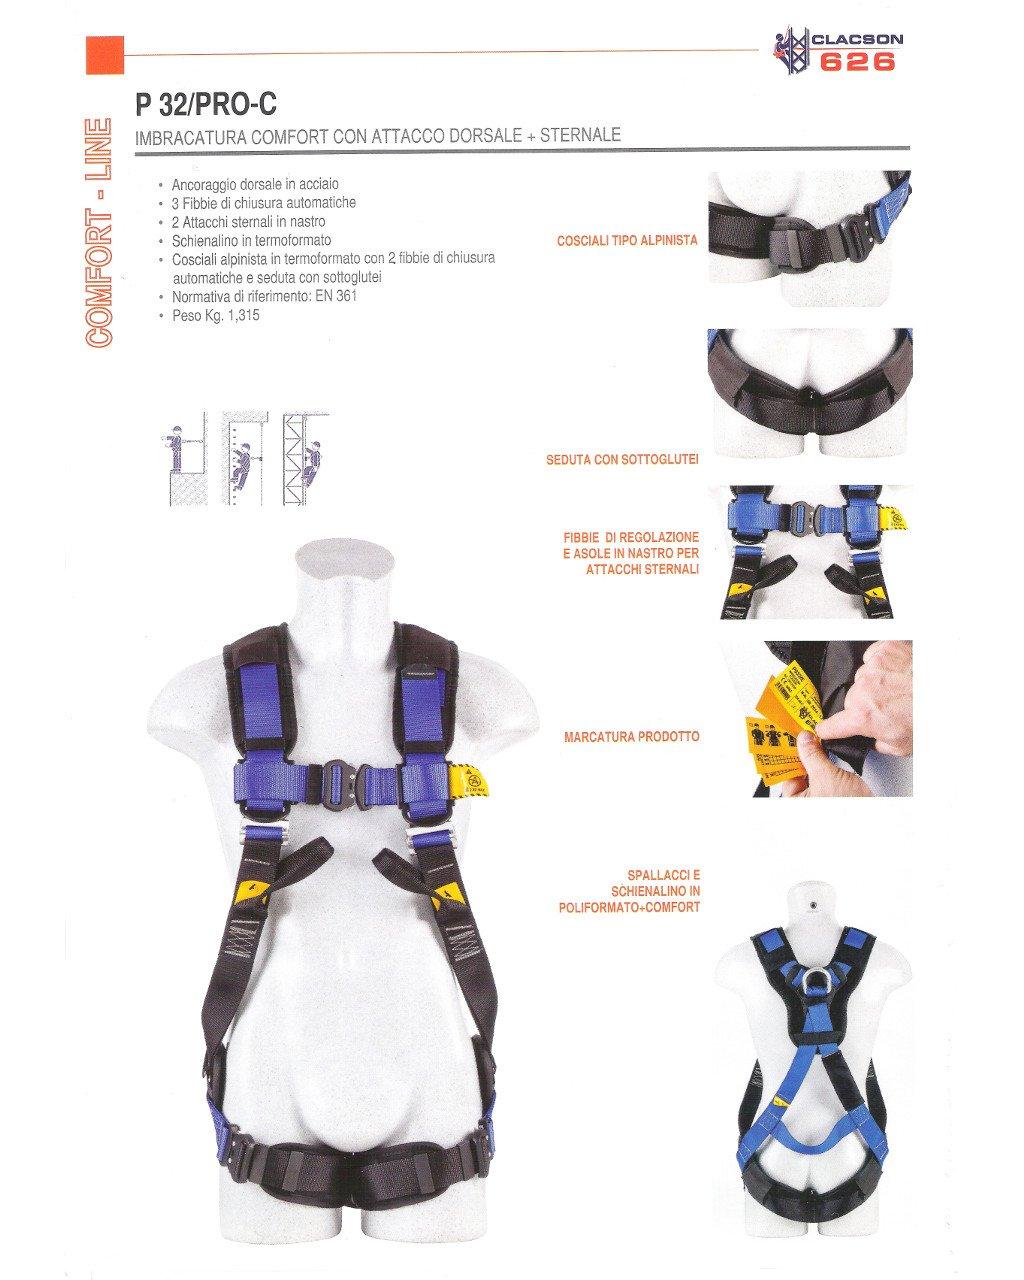 Arnés de seguridad Casquillo dorsal sternale 3 hebillas anticaduta ...